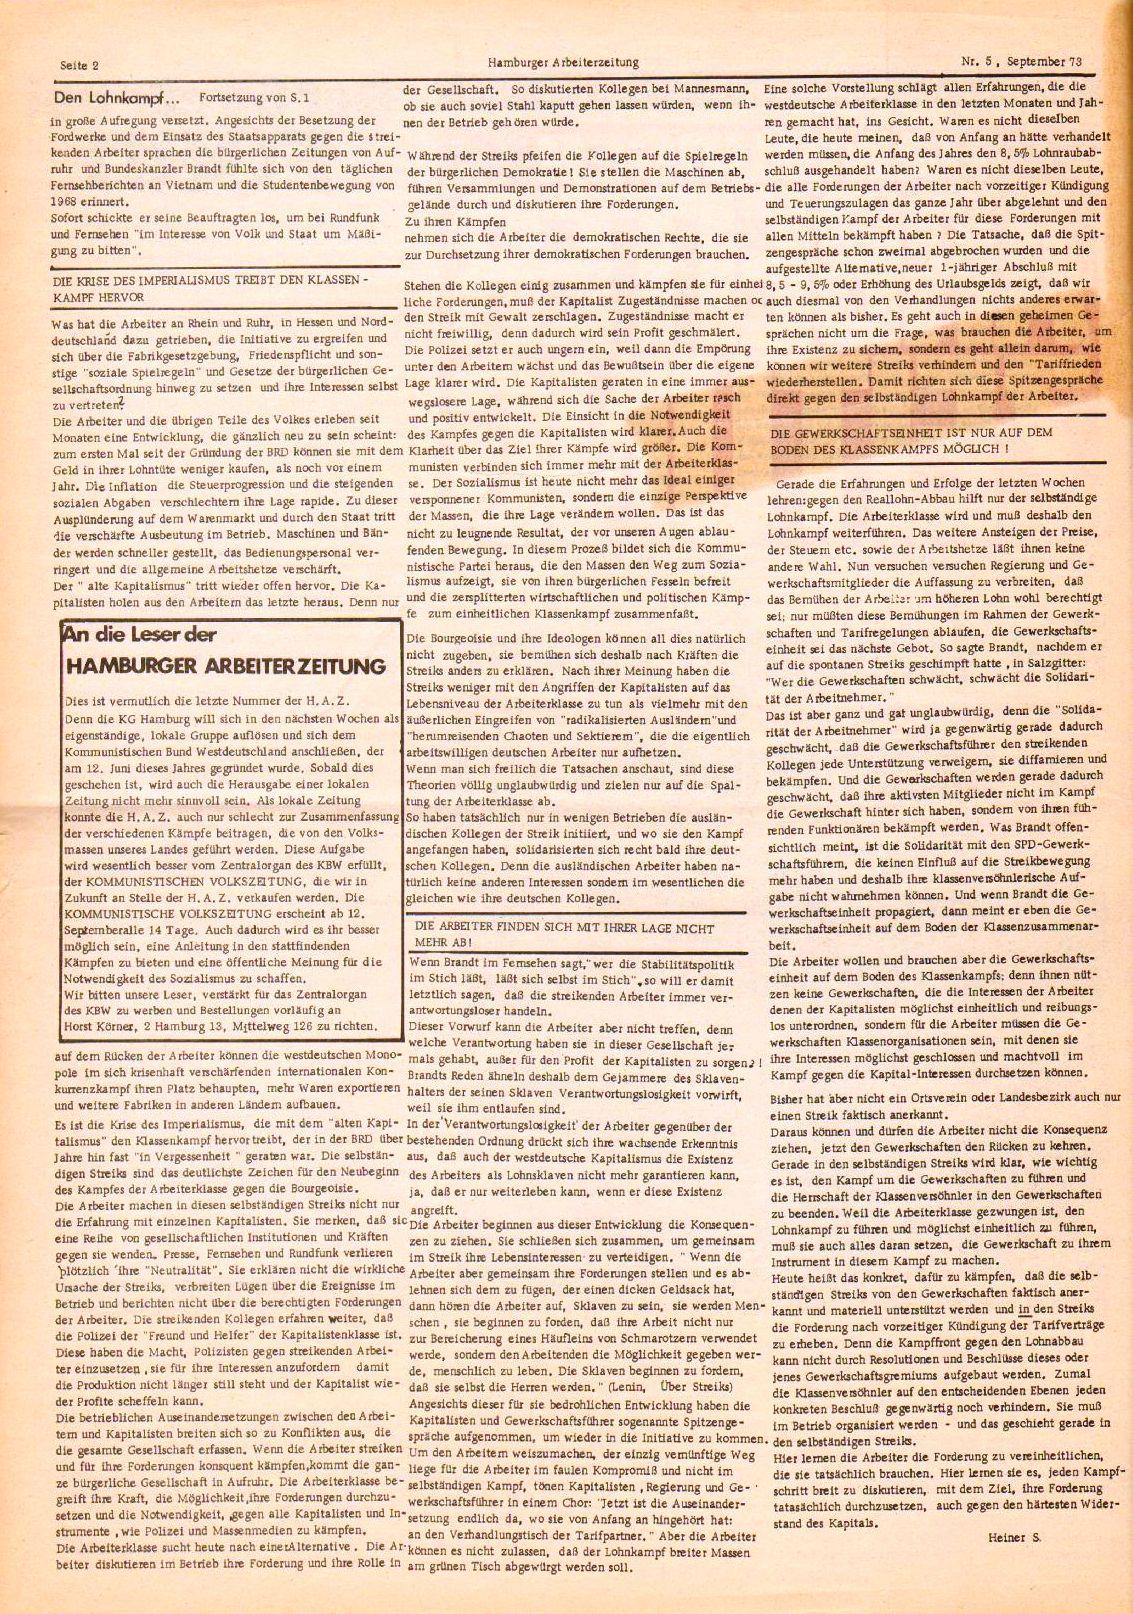 Hamburger_Arbeiterzeitung078